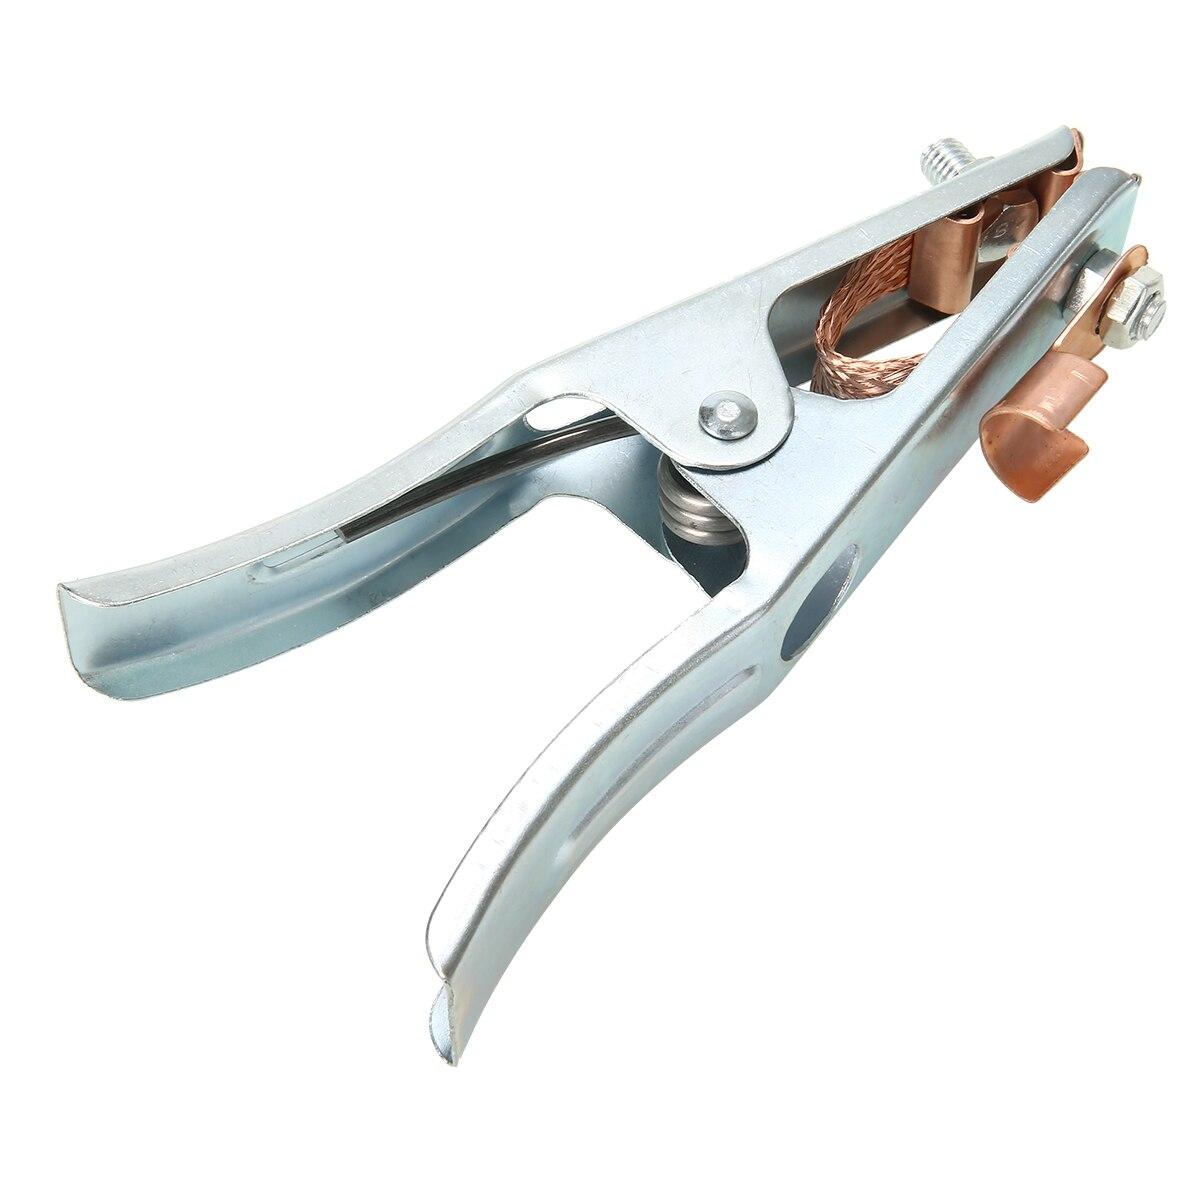 175 мм 300Amp сварочный Заземляющий зажим для профессионального использования Заземляющий зажим сварочный ручной сварочный электрод Держател...